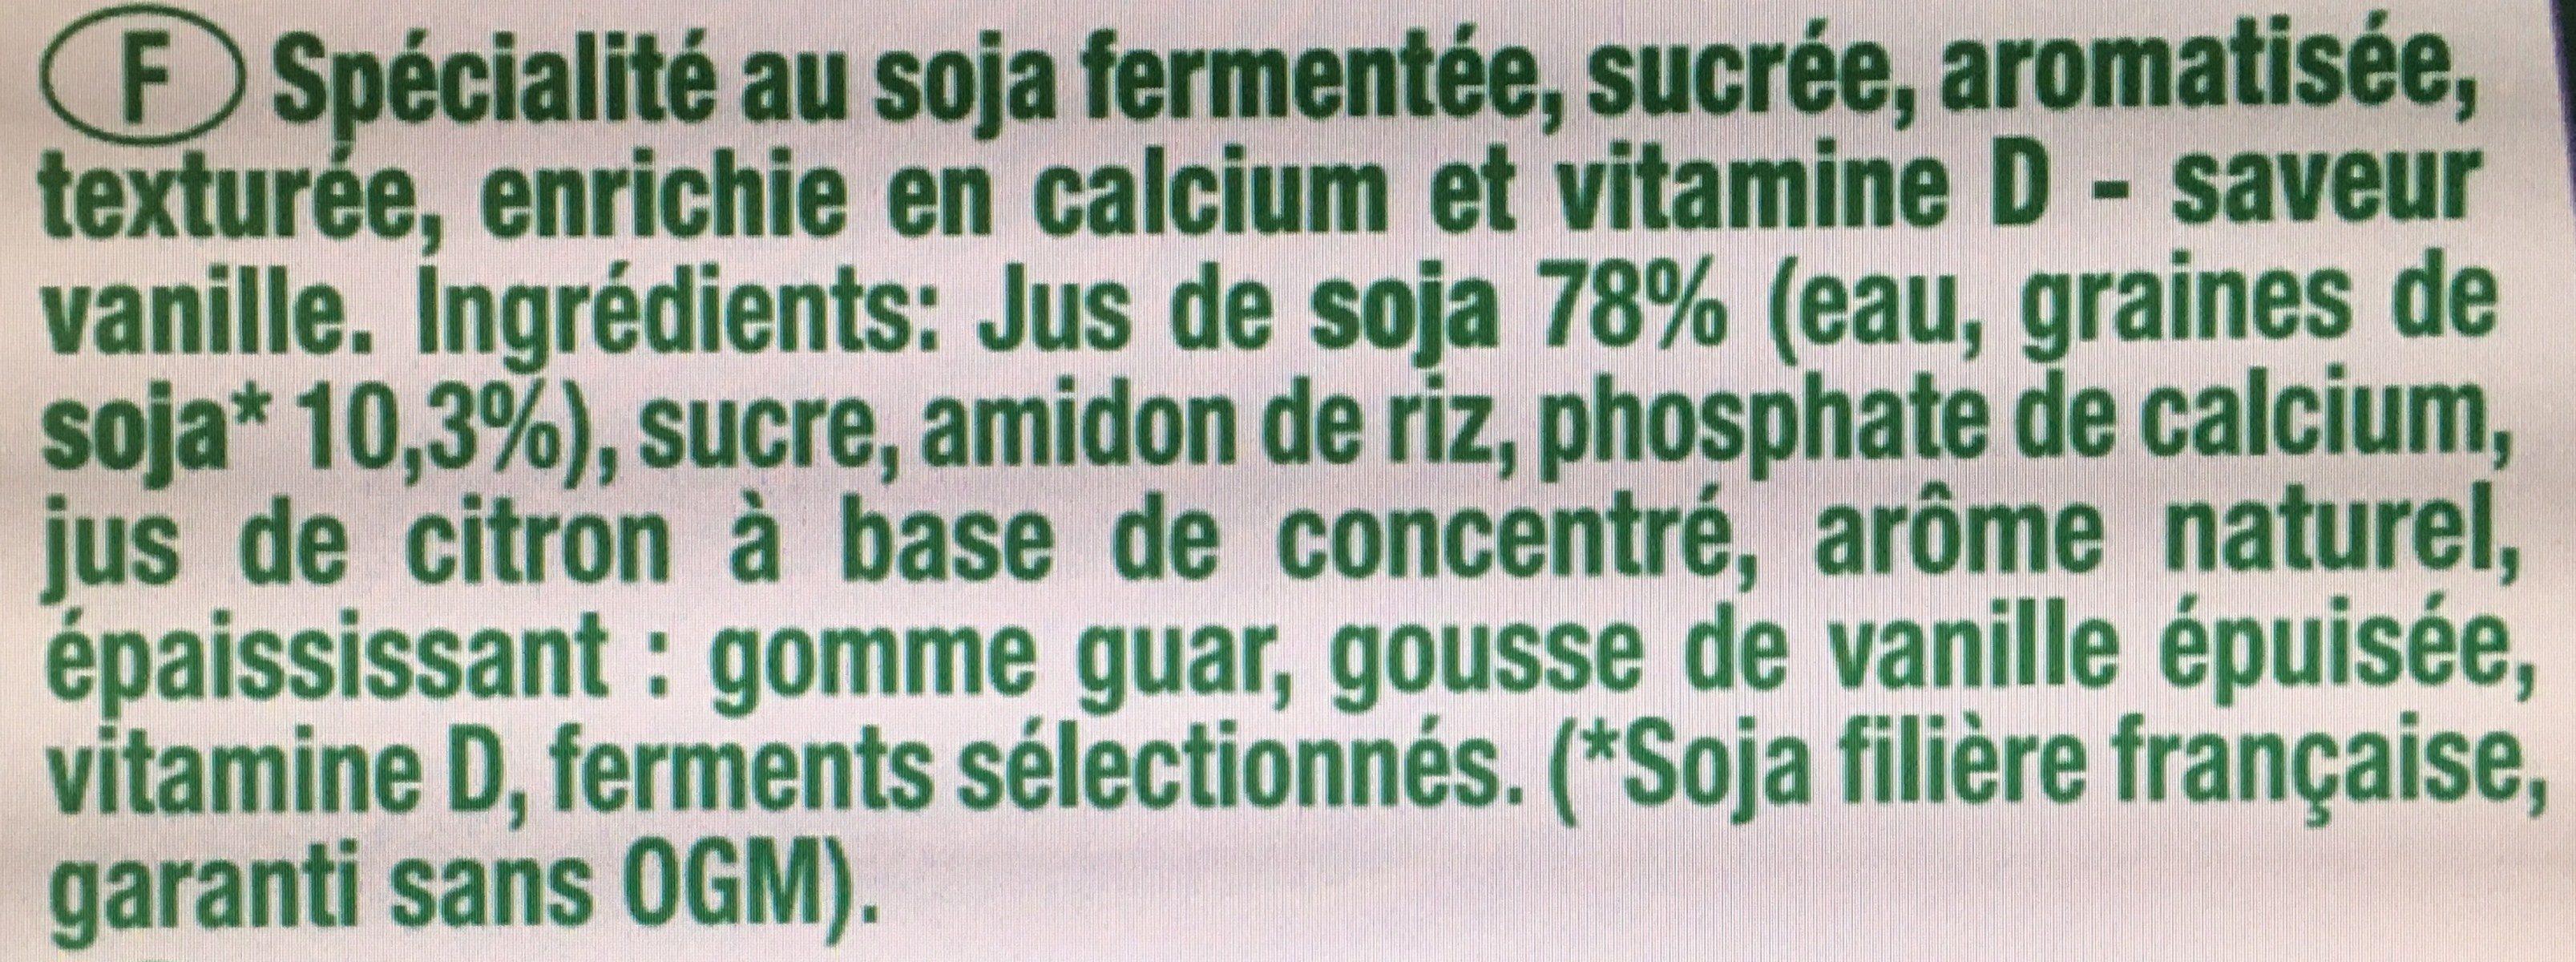 Texture Velours Saveur Vanille - Ingrédients